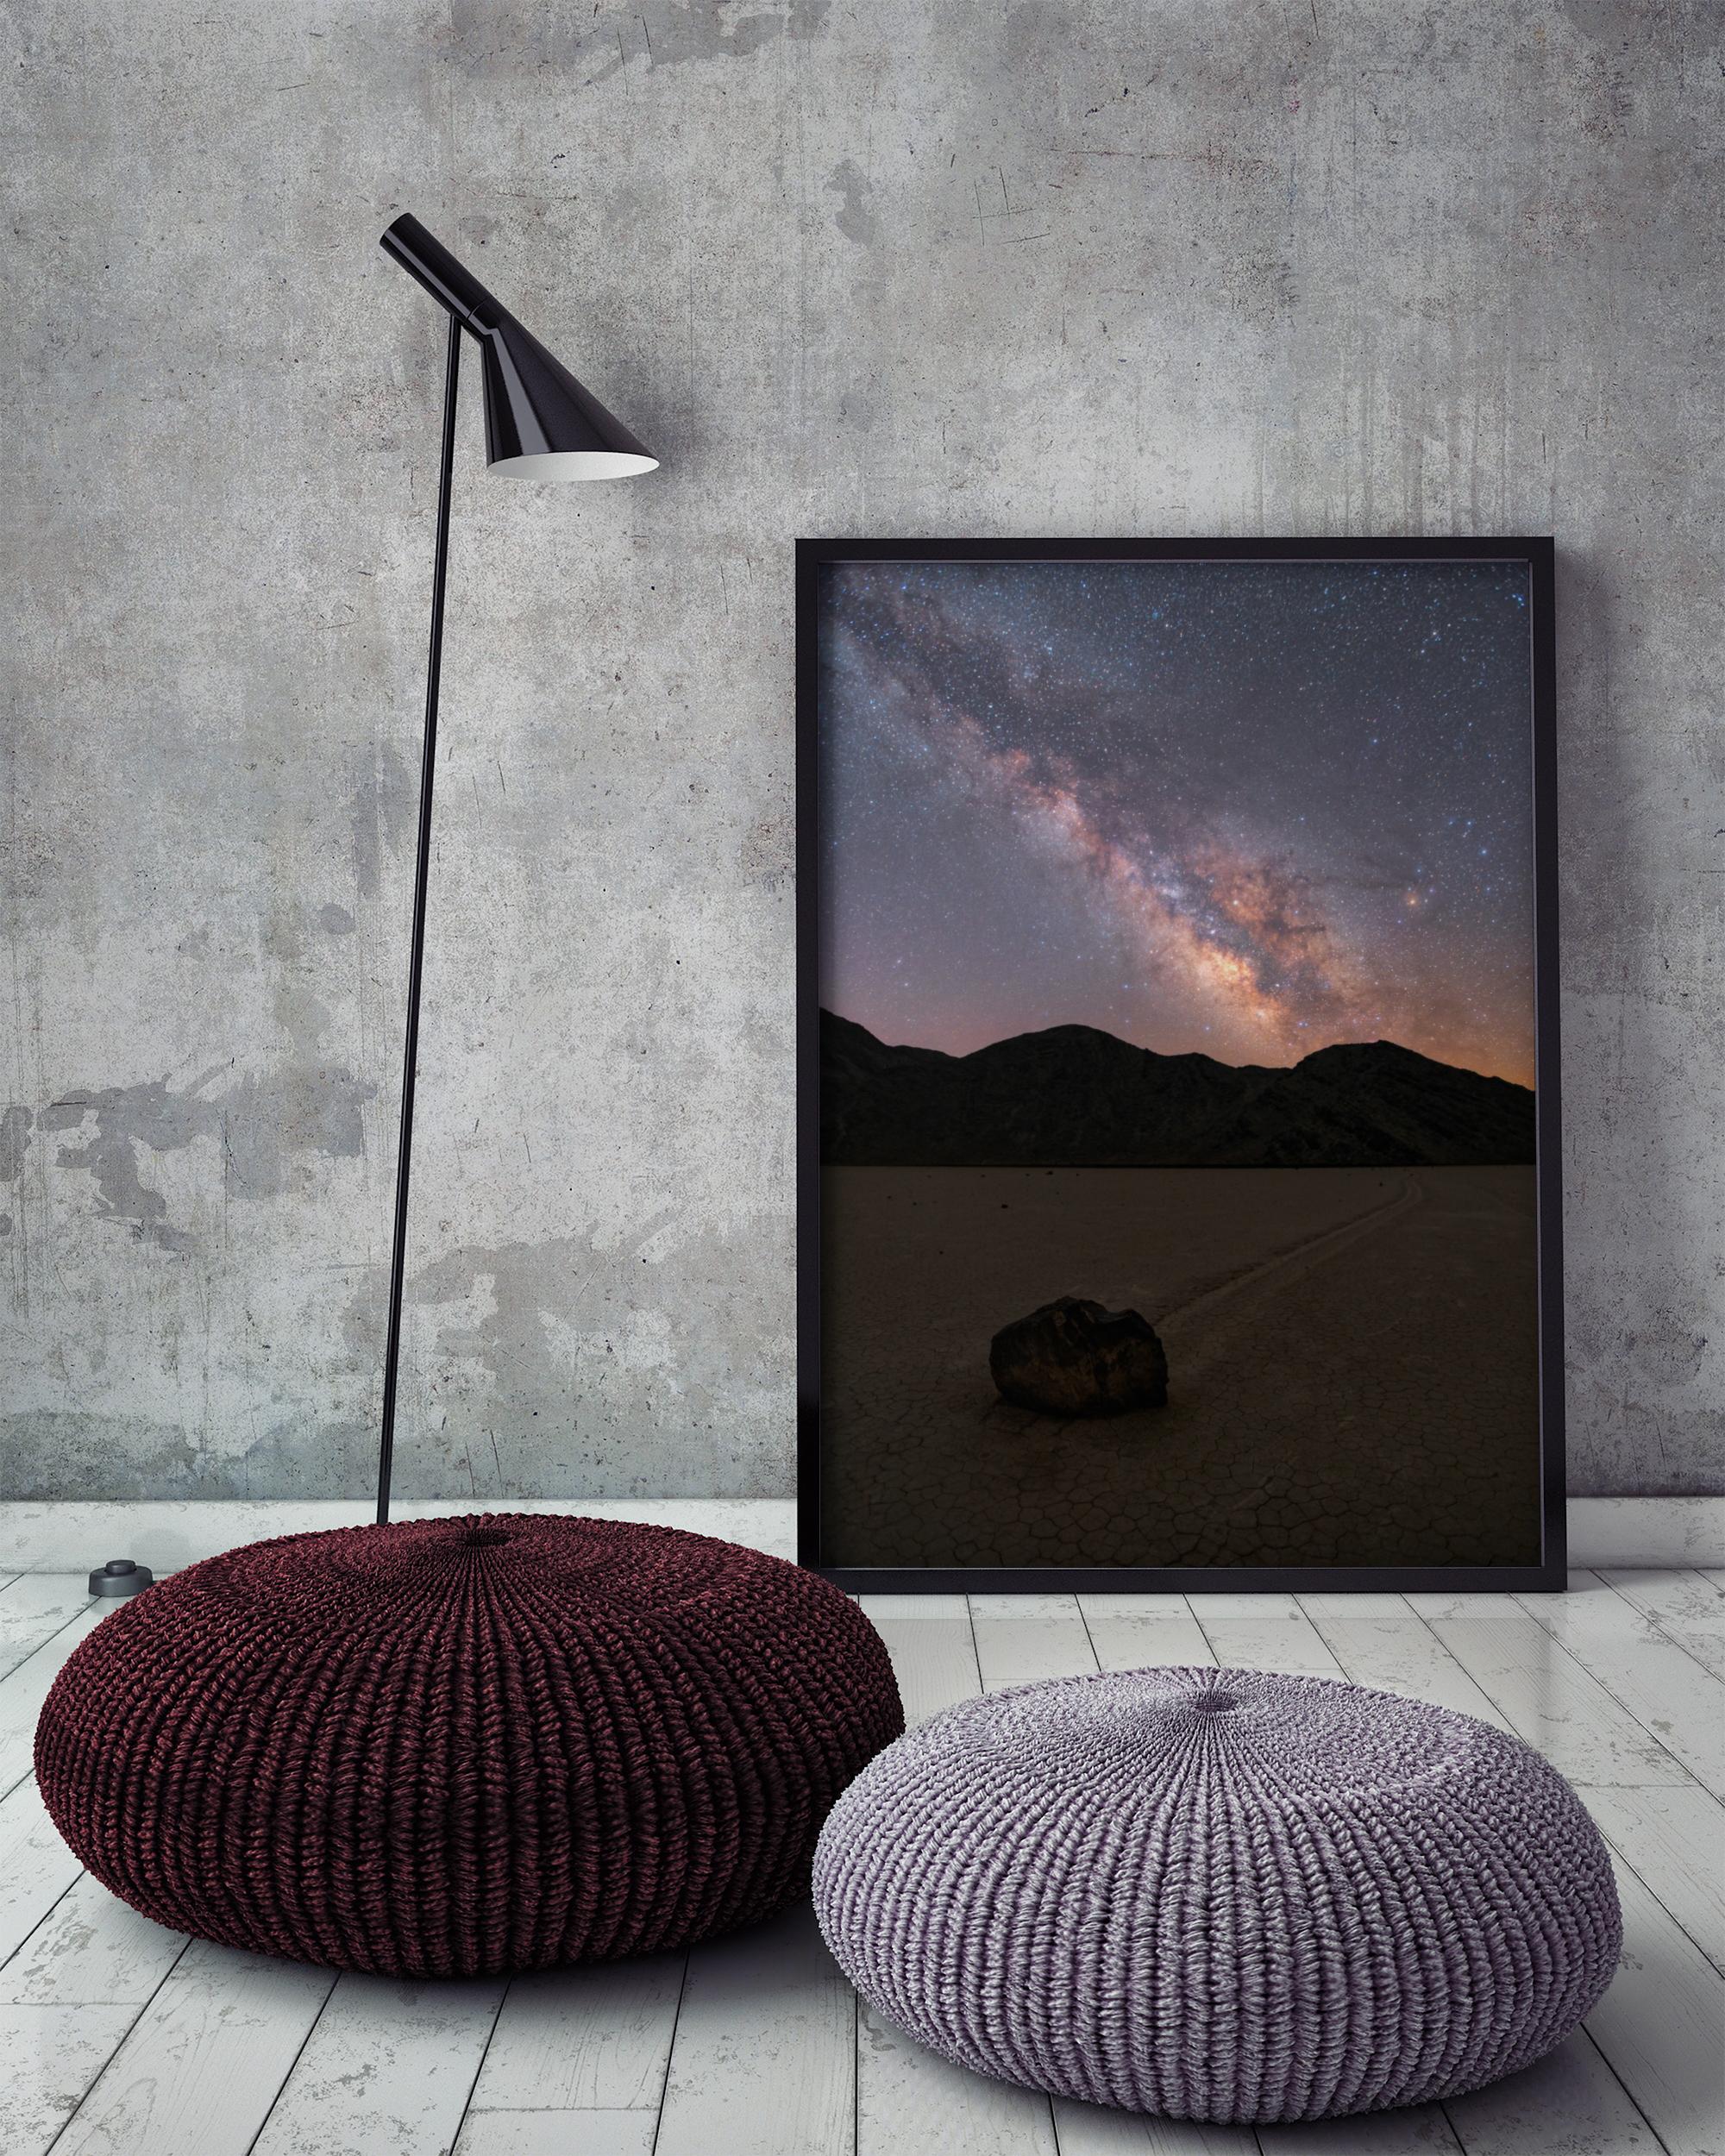 mock up poster frame in hipster interior background